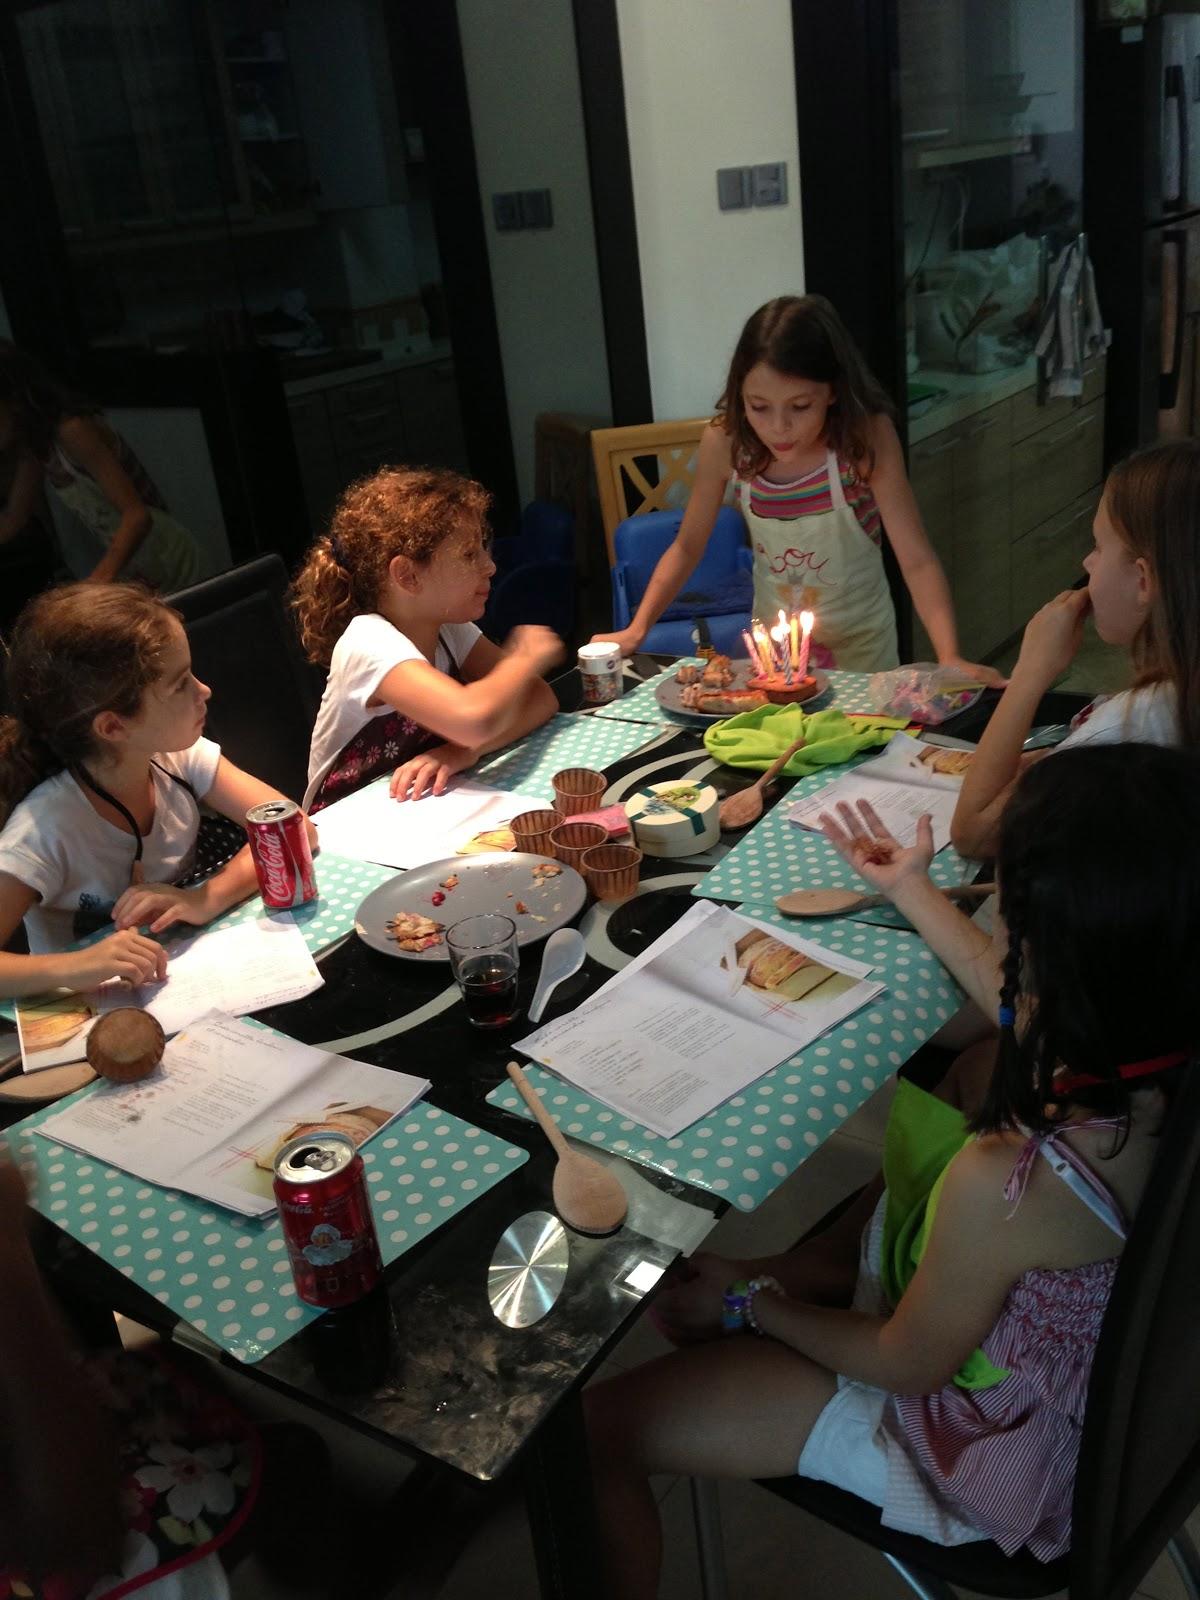 Carte invitation anniversaire fille 11 ans - Jeux gratuit fille 7 ans ...